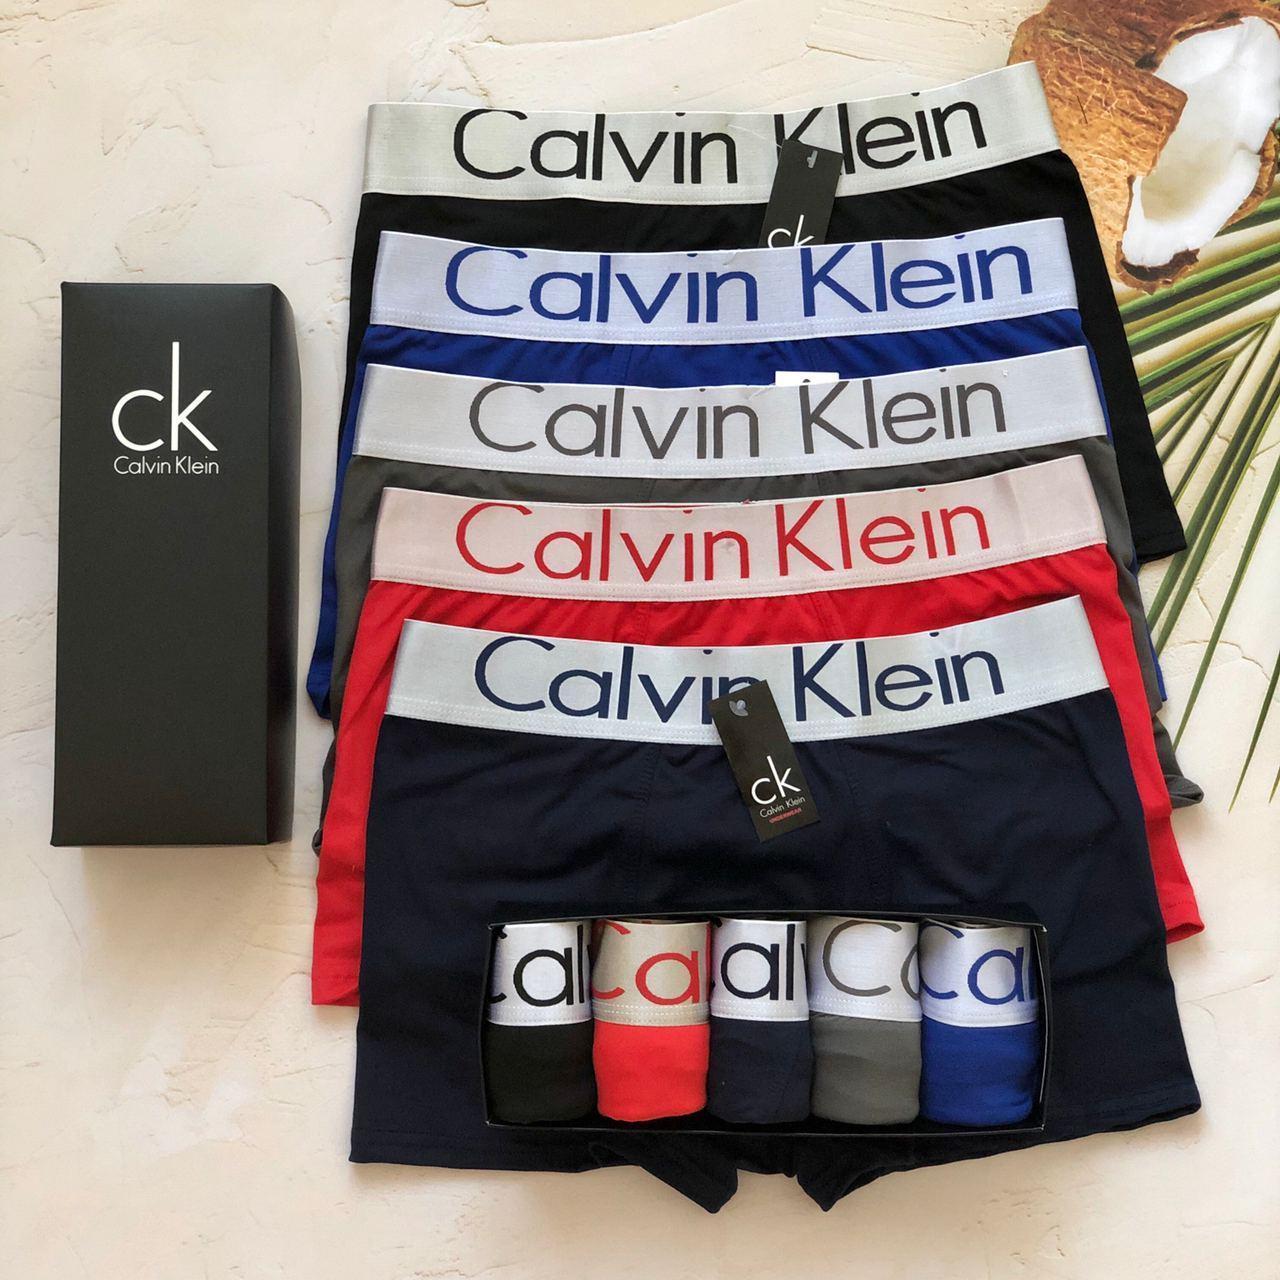 Отличный набор нижнего белья Calvin Klein, мужские трусы Кельвин Кляйн, классические  боксерки 5 шт. Реплика!